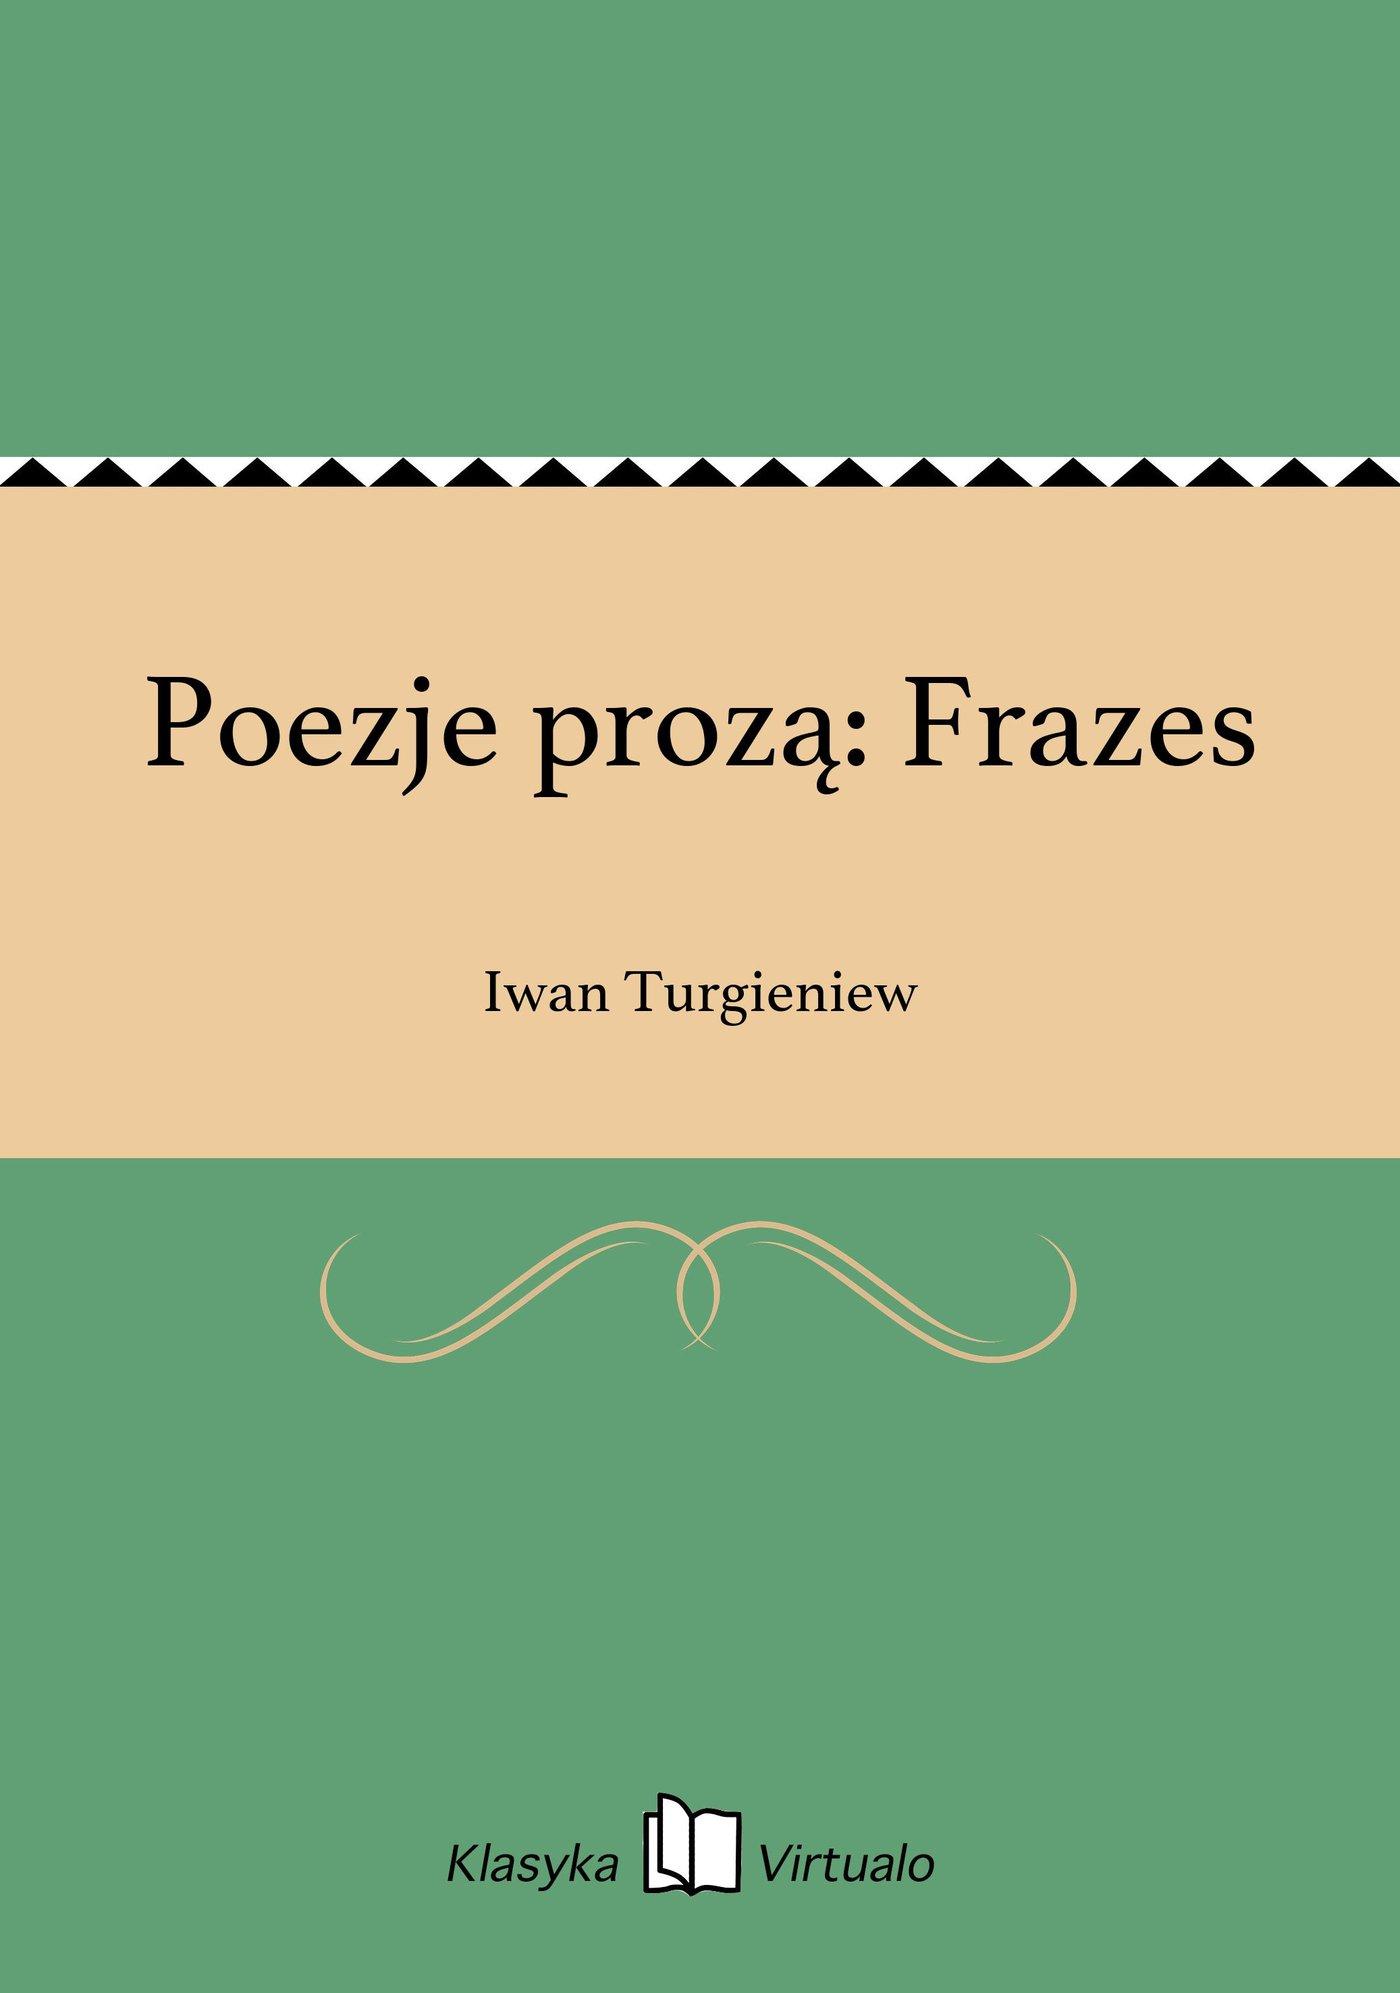 Poezje prozą: Frazes - Ebook (Książka EPUB) do pobrania w formacie EPUB